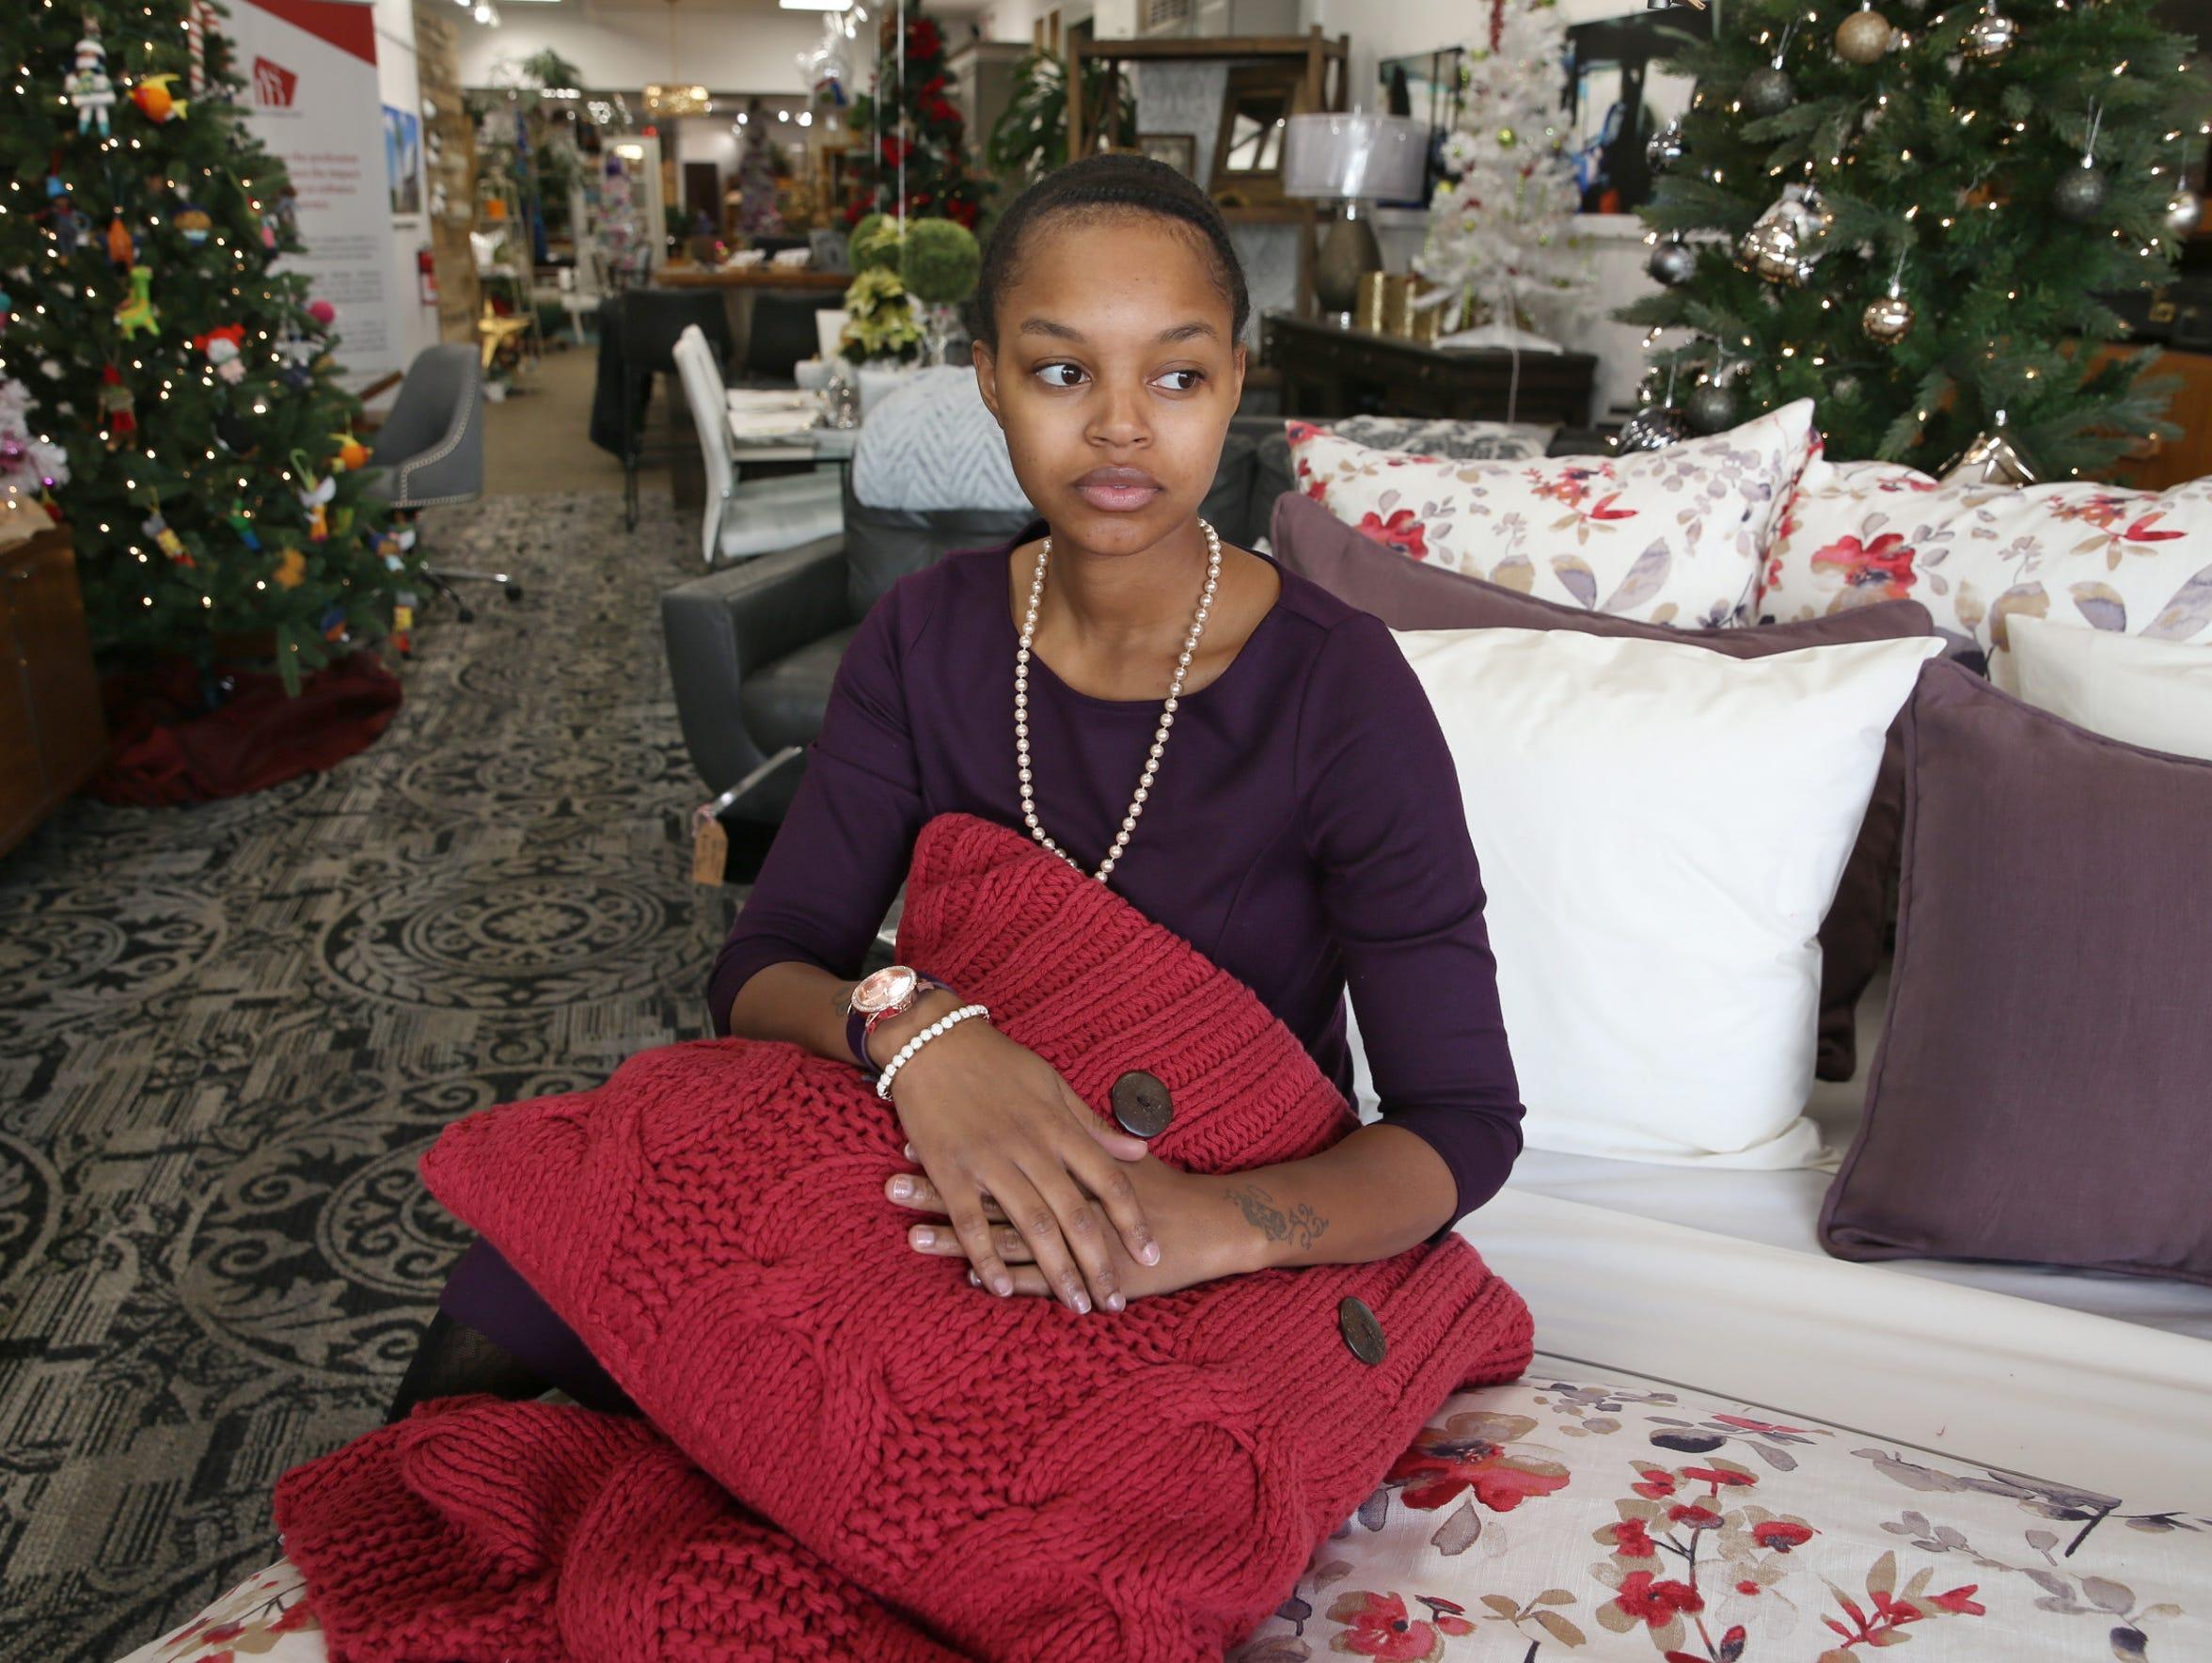 Daijah Barnes at Rochester Design Studio, where she